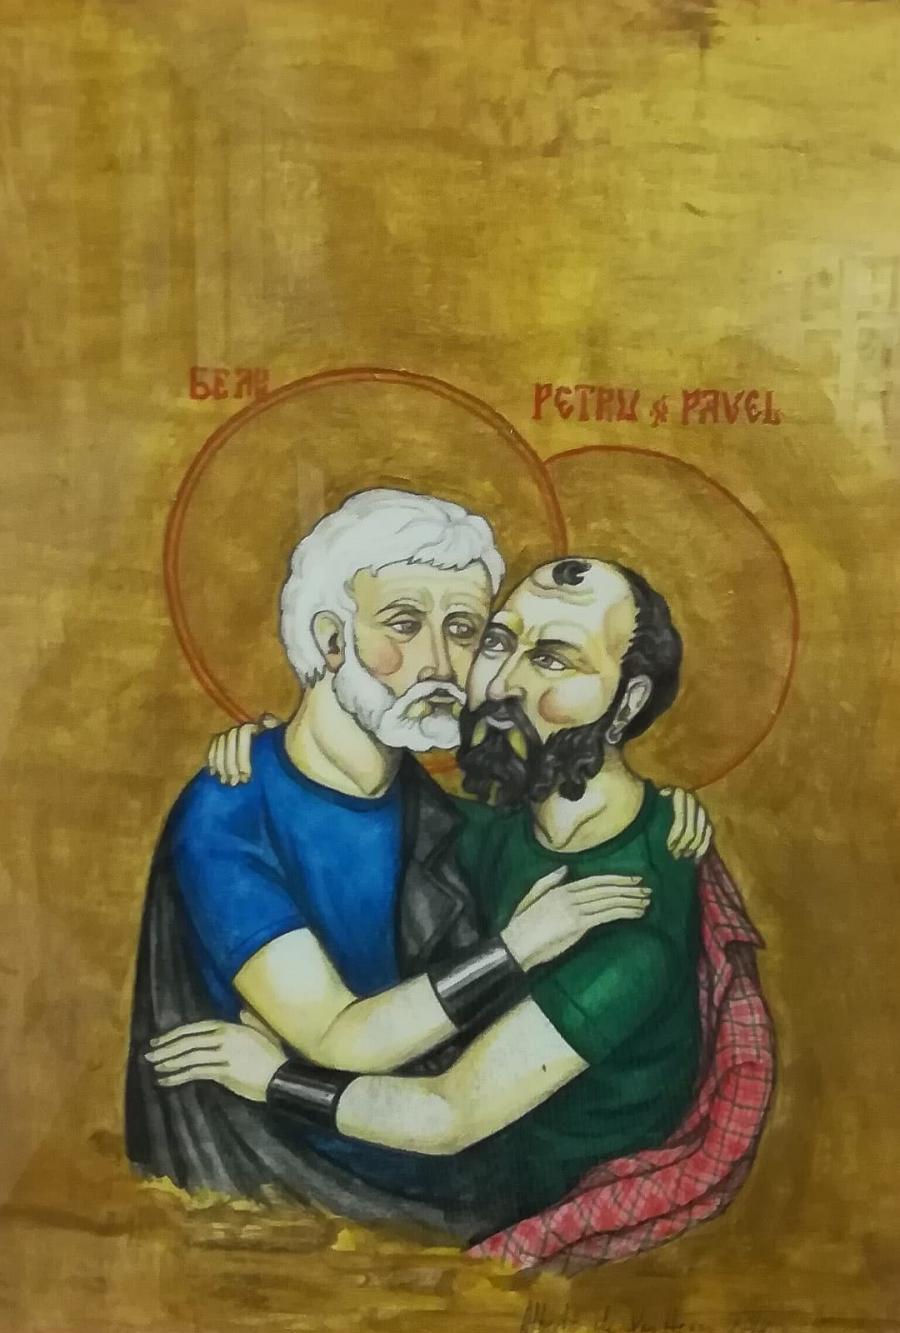 Gays Gays El PP pide retirar la imagen de dos apóstoles besándose de una exposición en Bizkaia